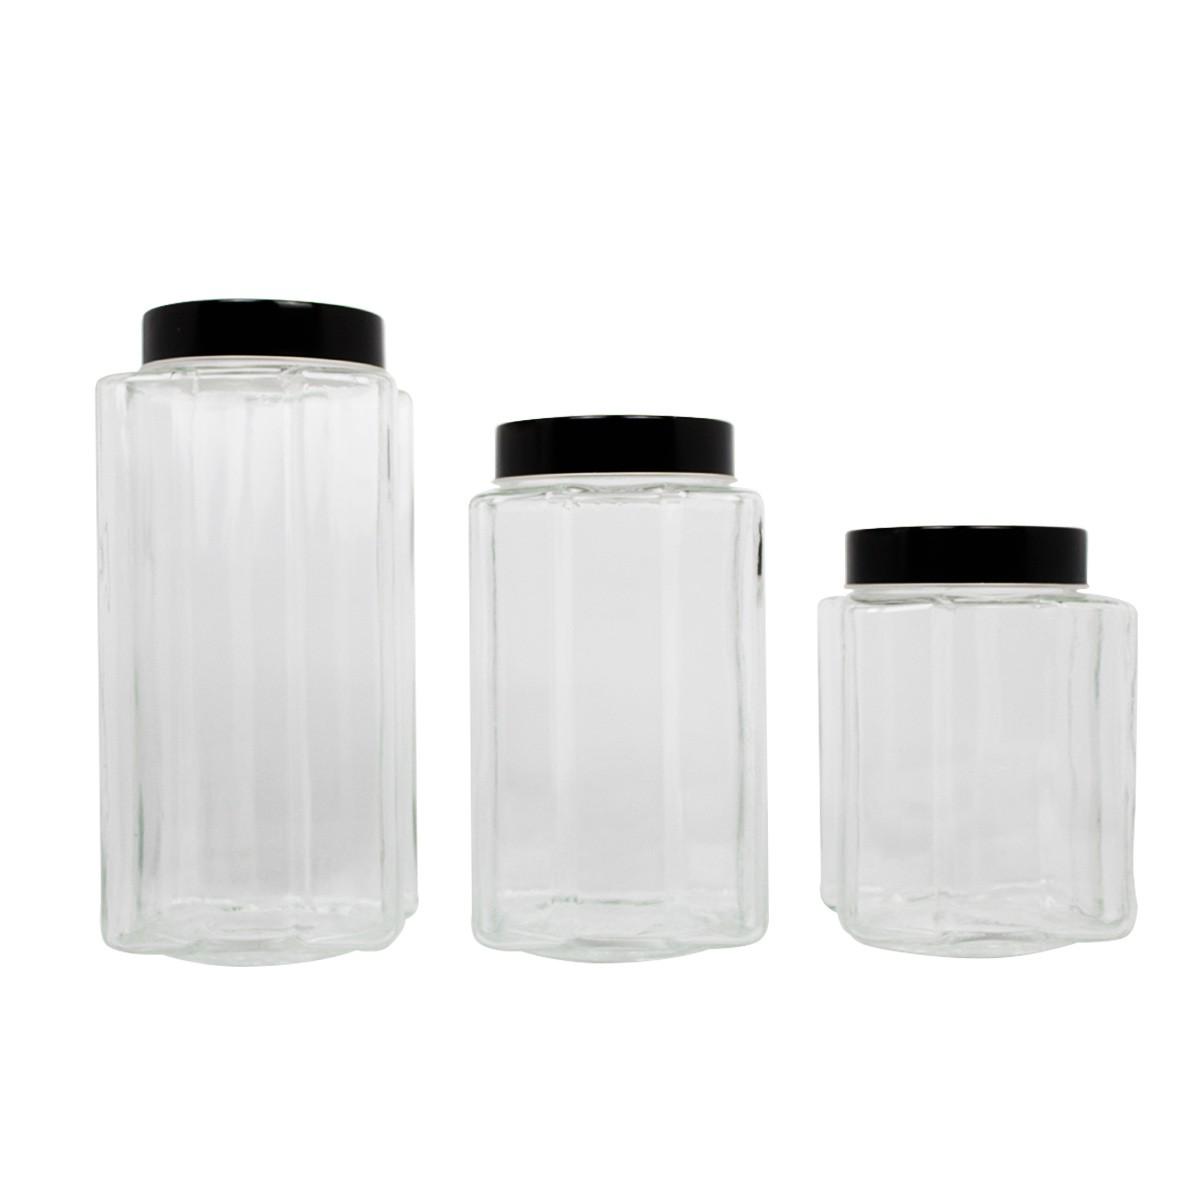 Conjunto 3 Potes De Vidro C/ Tampa De Acrílico Preta Lyor